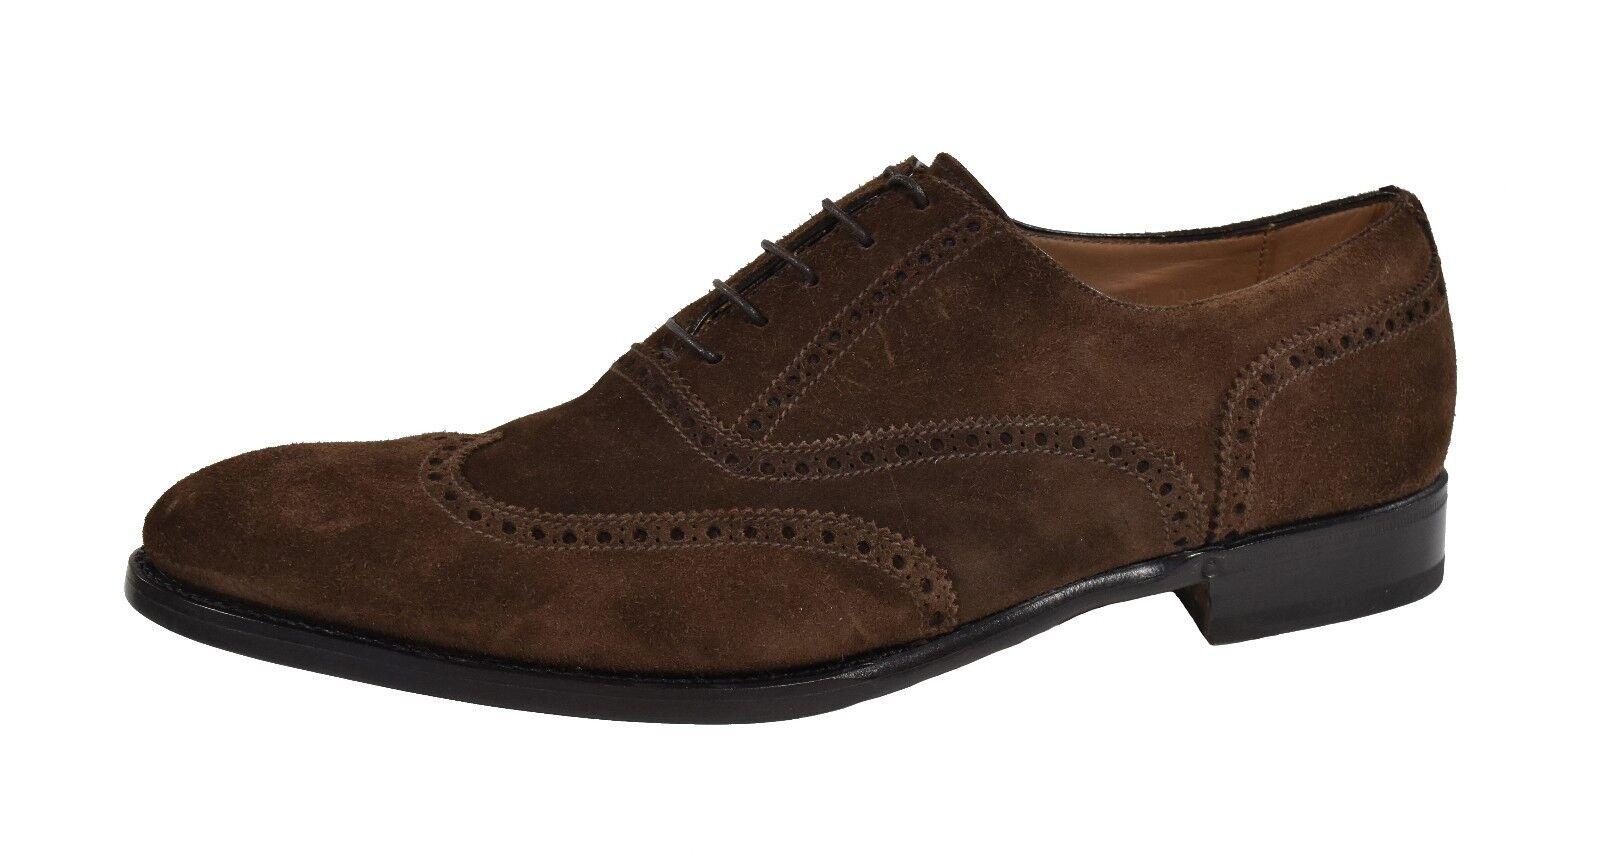 Ralph Lauren púrpura Label marrón gamuza cuero Denley la punta del ala Zapatos Nuevo